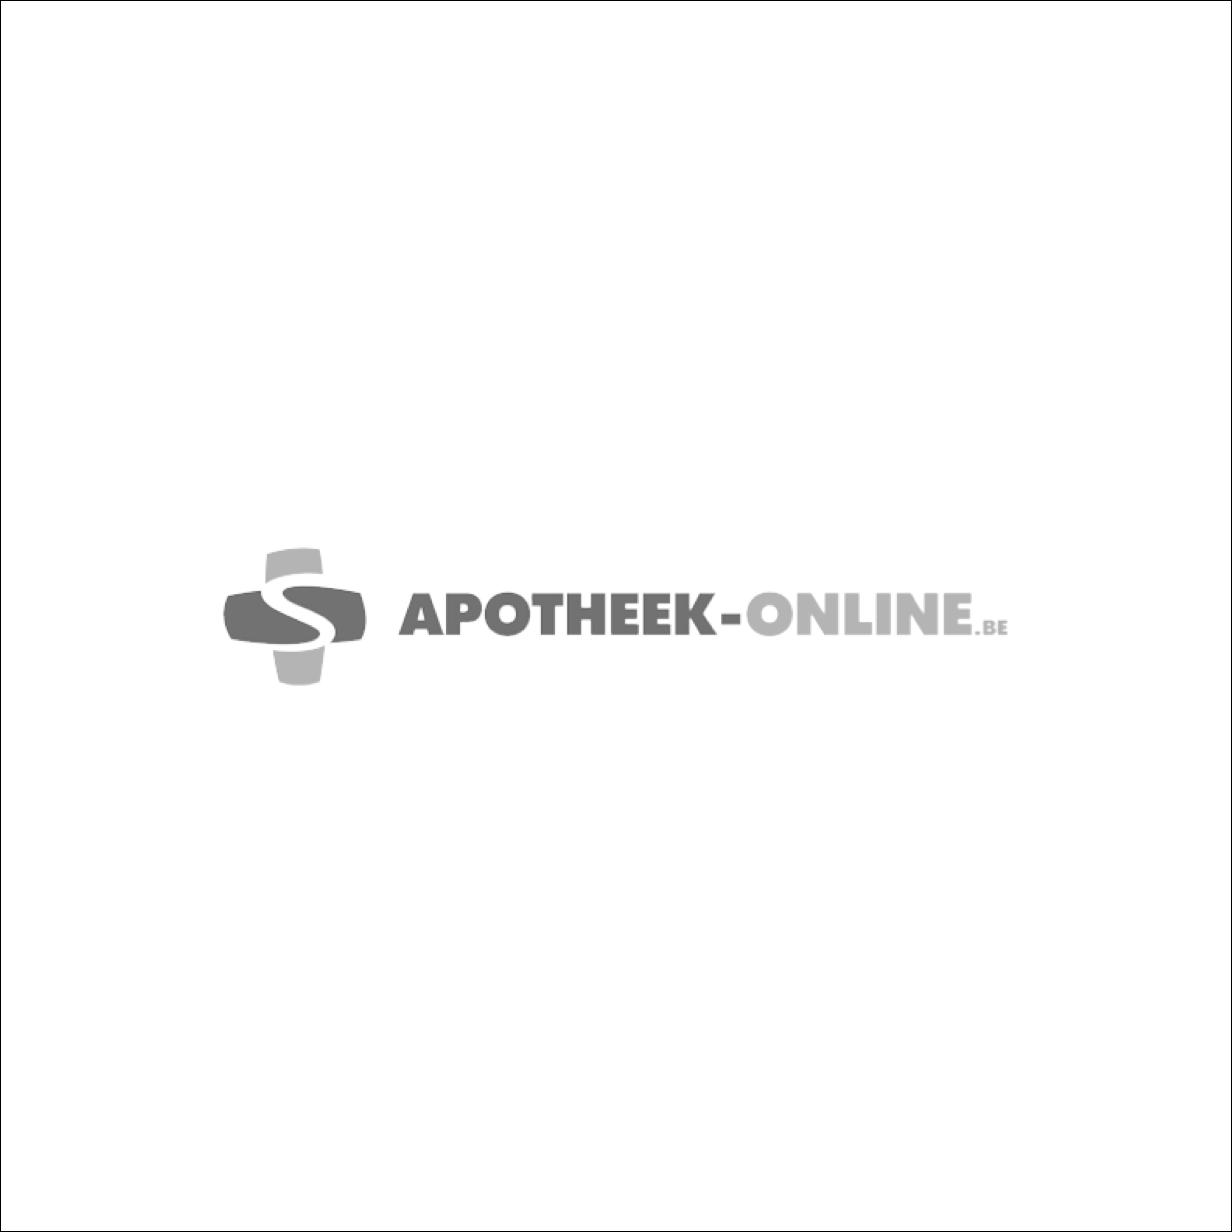 Delphi 0,1% Creme 30g